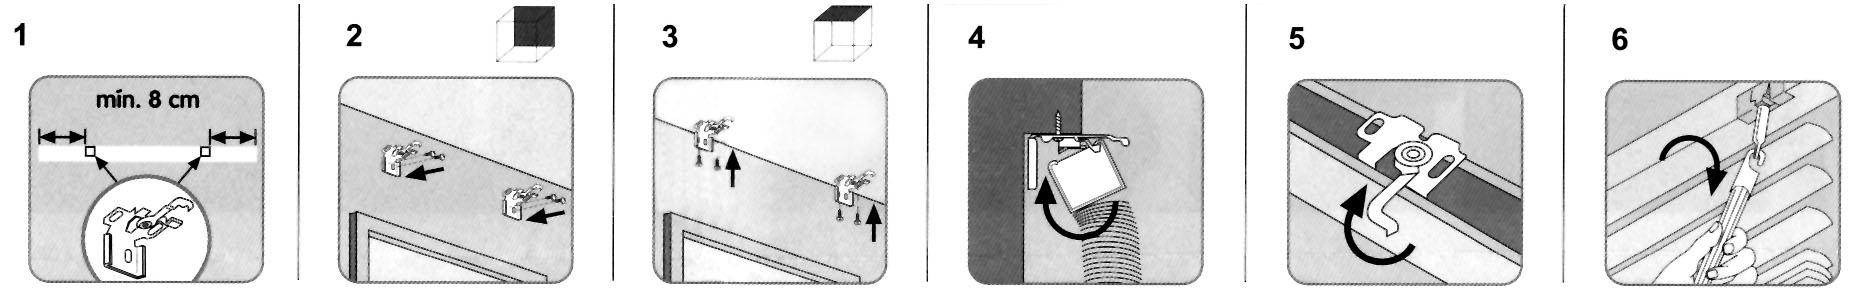 instrucciones_venecianas_viewtex.jpg